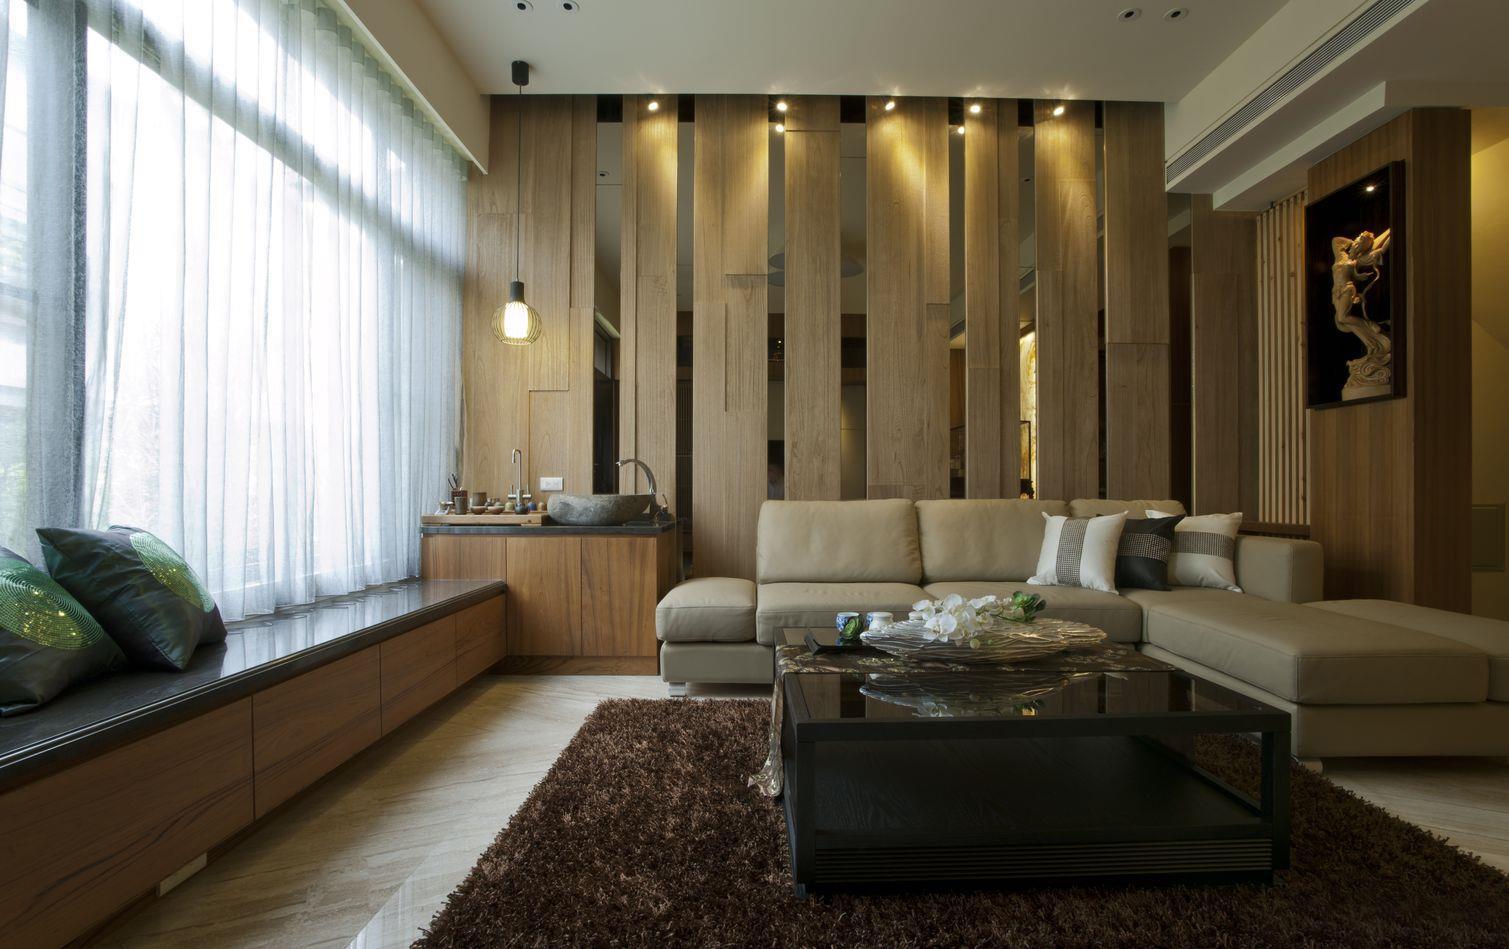 沙发侧面吊灯也很特别,上面可以摆放茶具杯,很有创意,又很时尚。